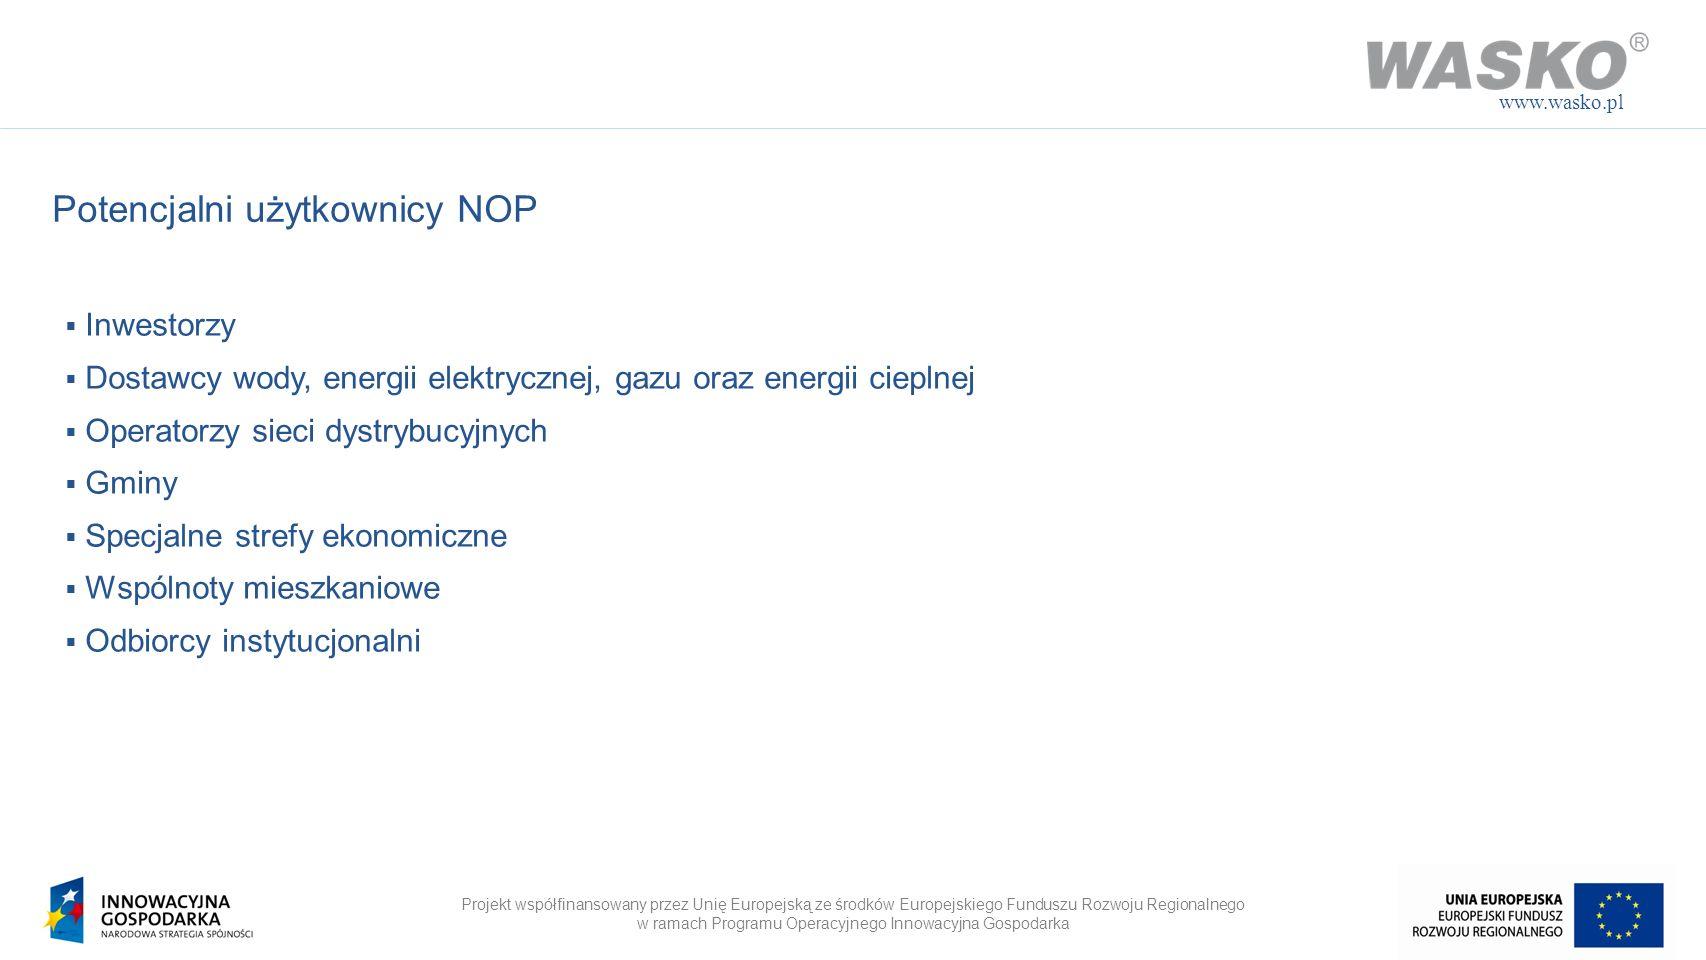 Potencjalni użytkownicy NOP